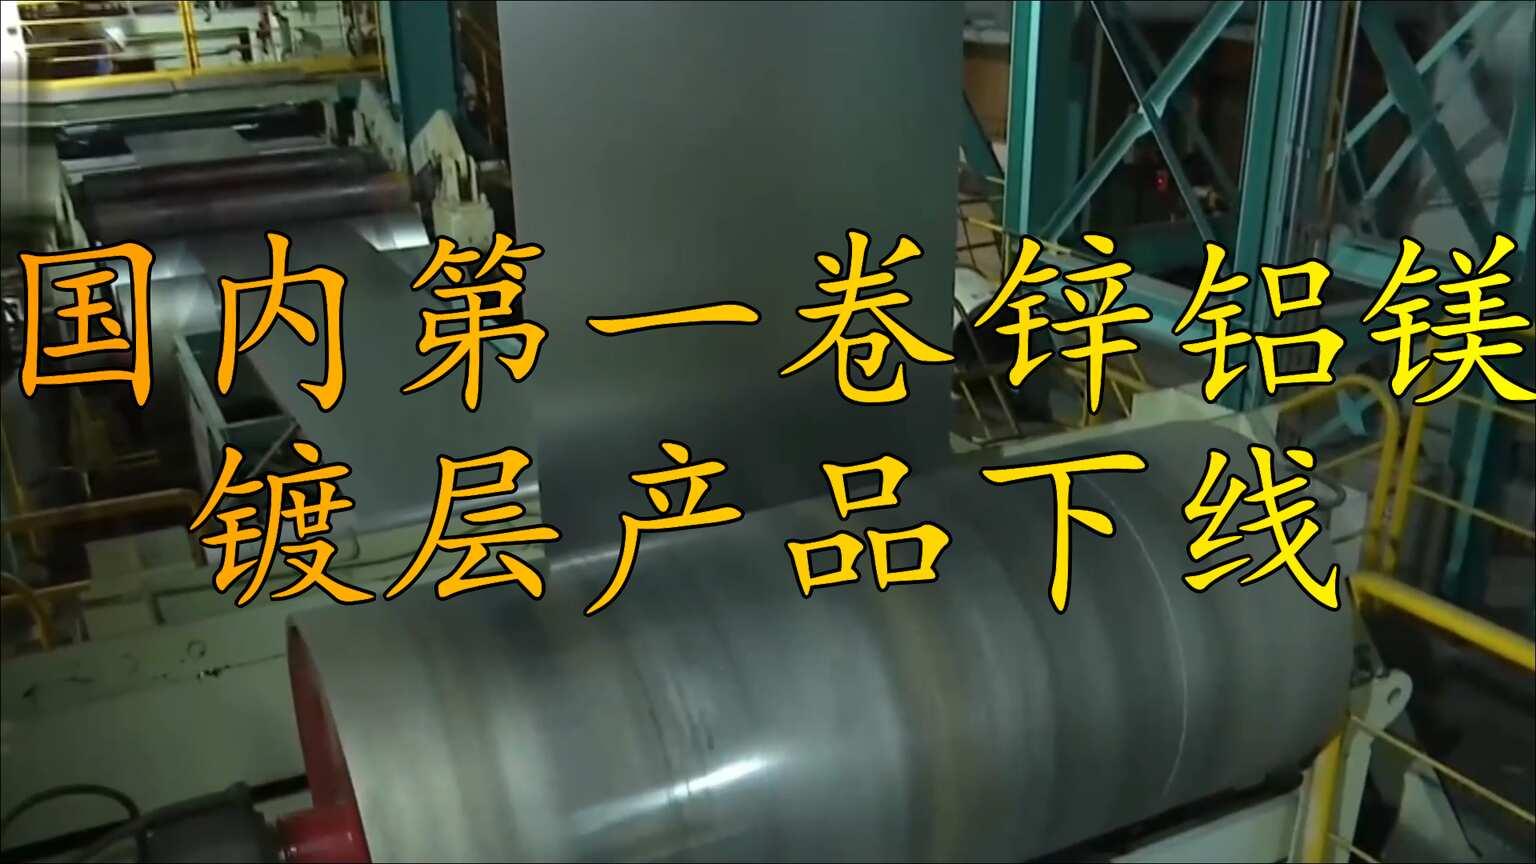 国内第一卷锌铝镁镀层产品成功下线,钢材寿命翻翻